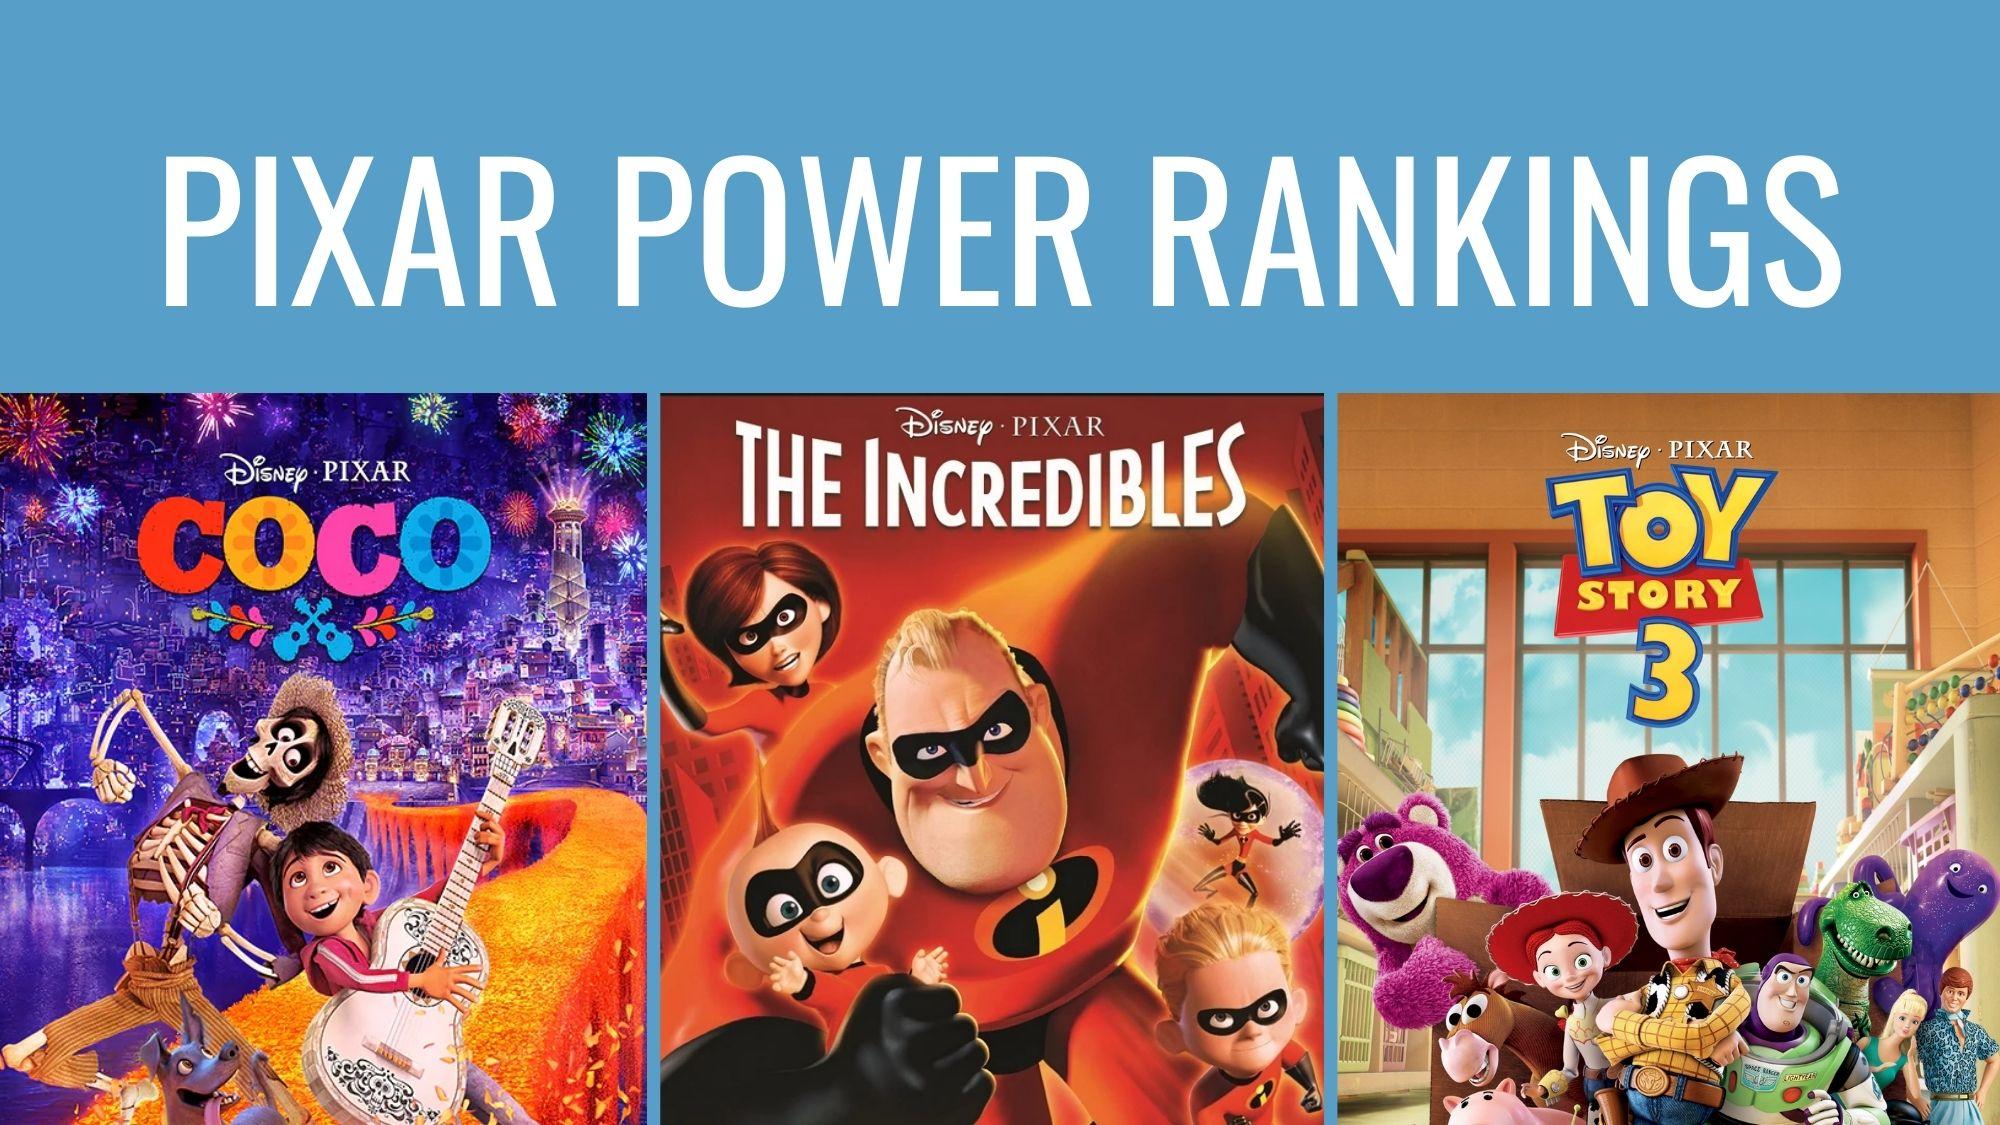 Pixar Power Rankings